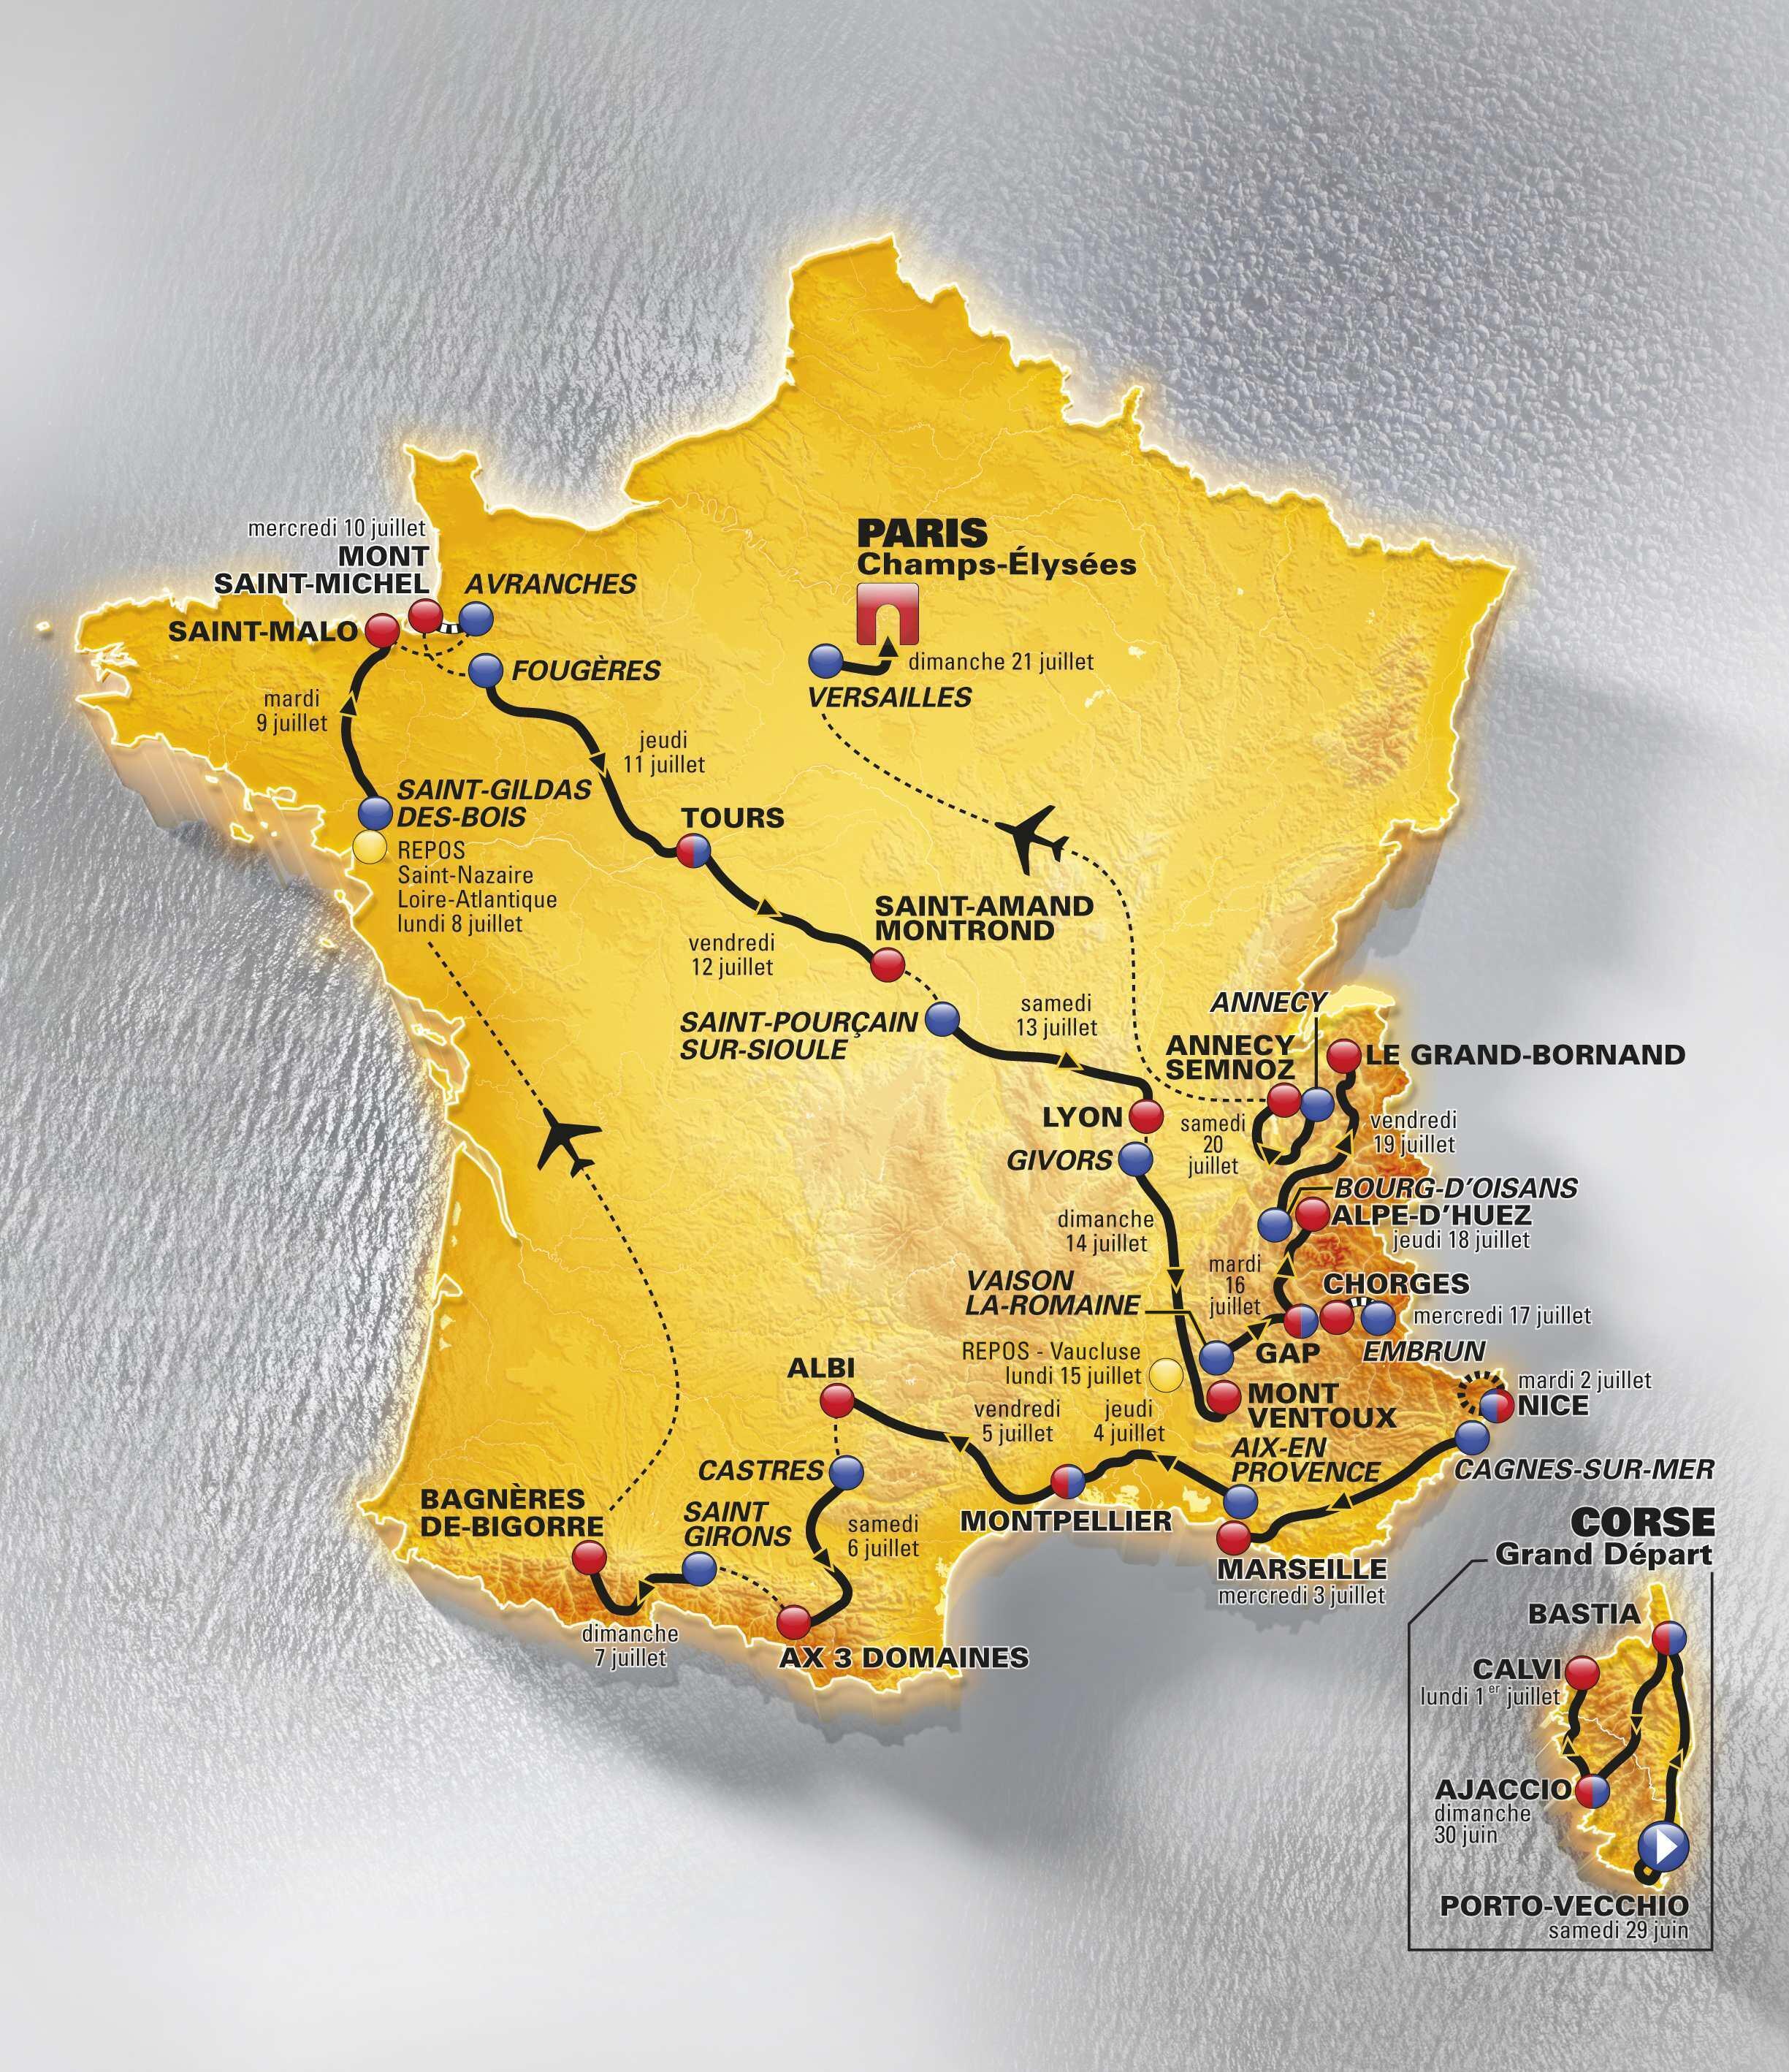 Карта маршрута велогонки Тур де Франс-2013